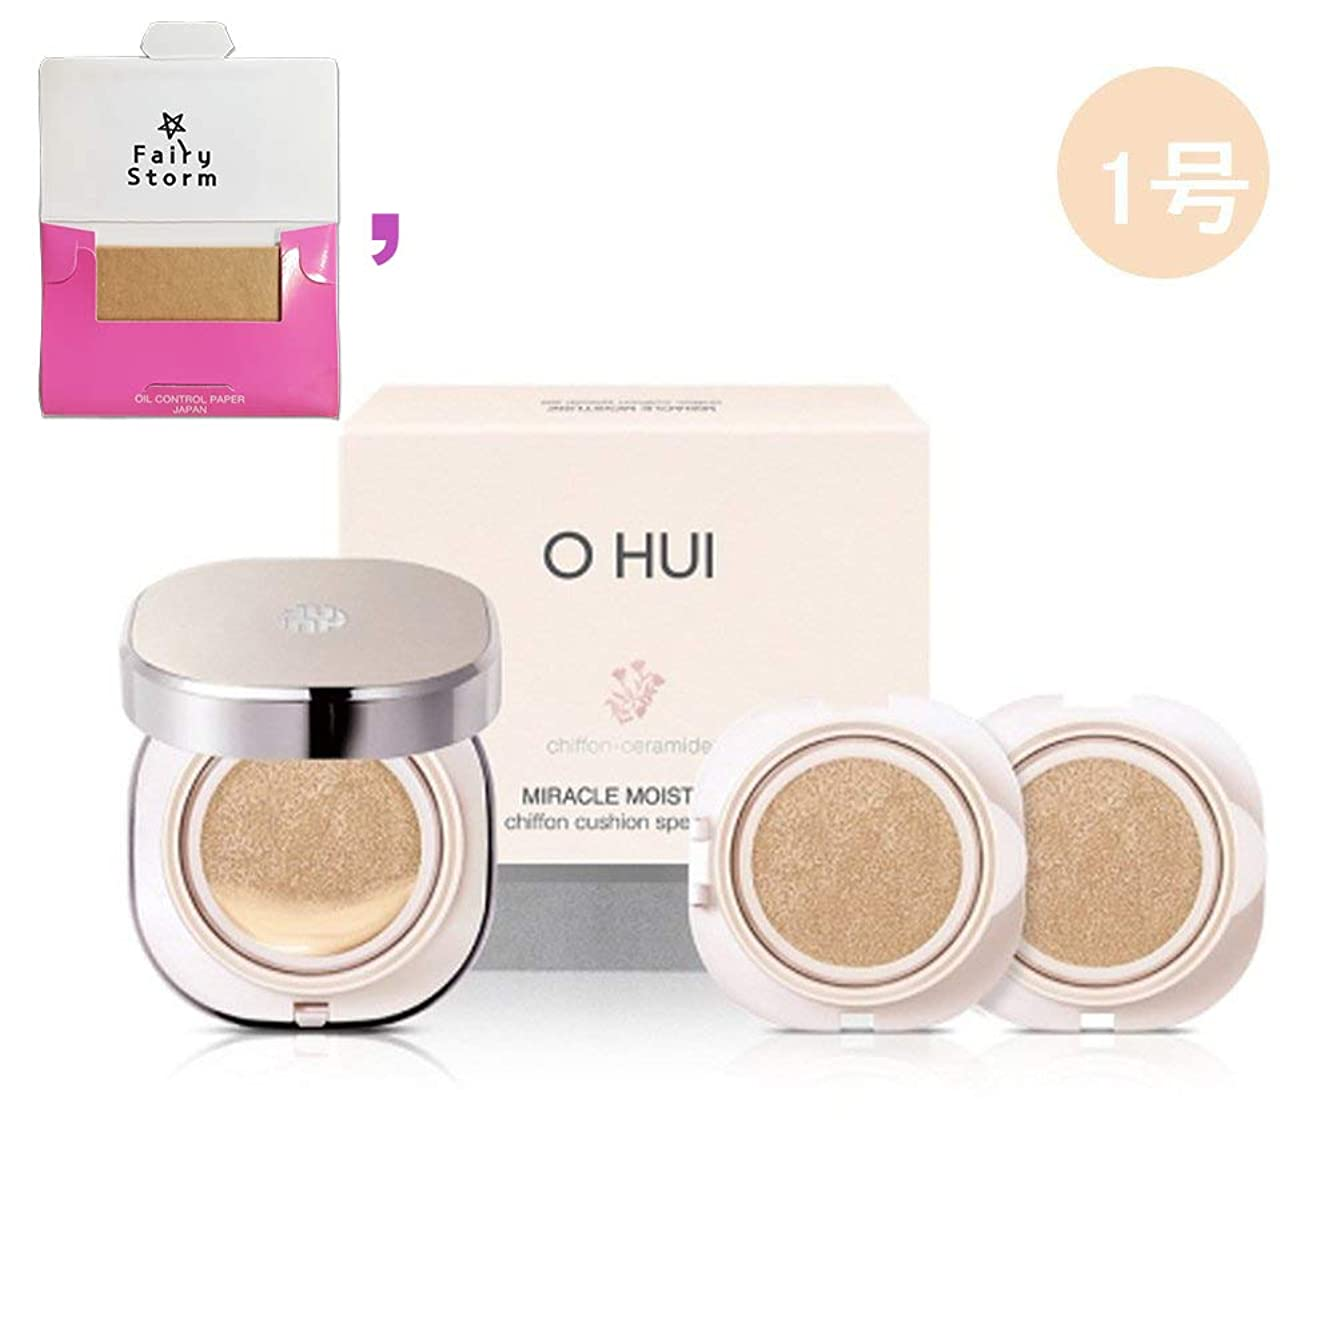 廃棄見る人いう[オフィ/ O HUI]韓国化粧品 LG生活健康/ohui Miracle Moisture shiffon cushion/ミラクル モイスチャーシフォンクッ ション + [Sample Gift](海外直送品) (1号)